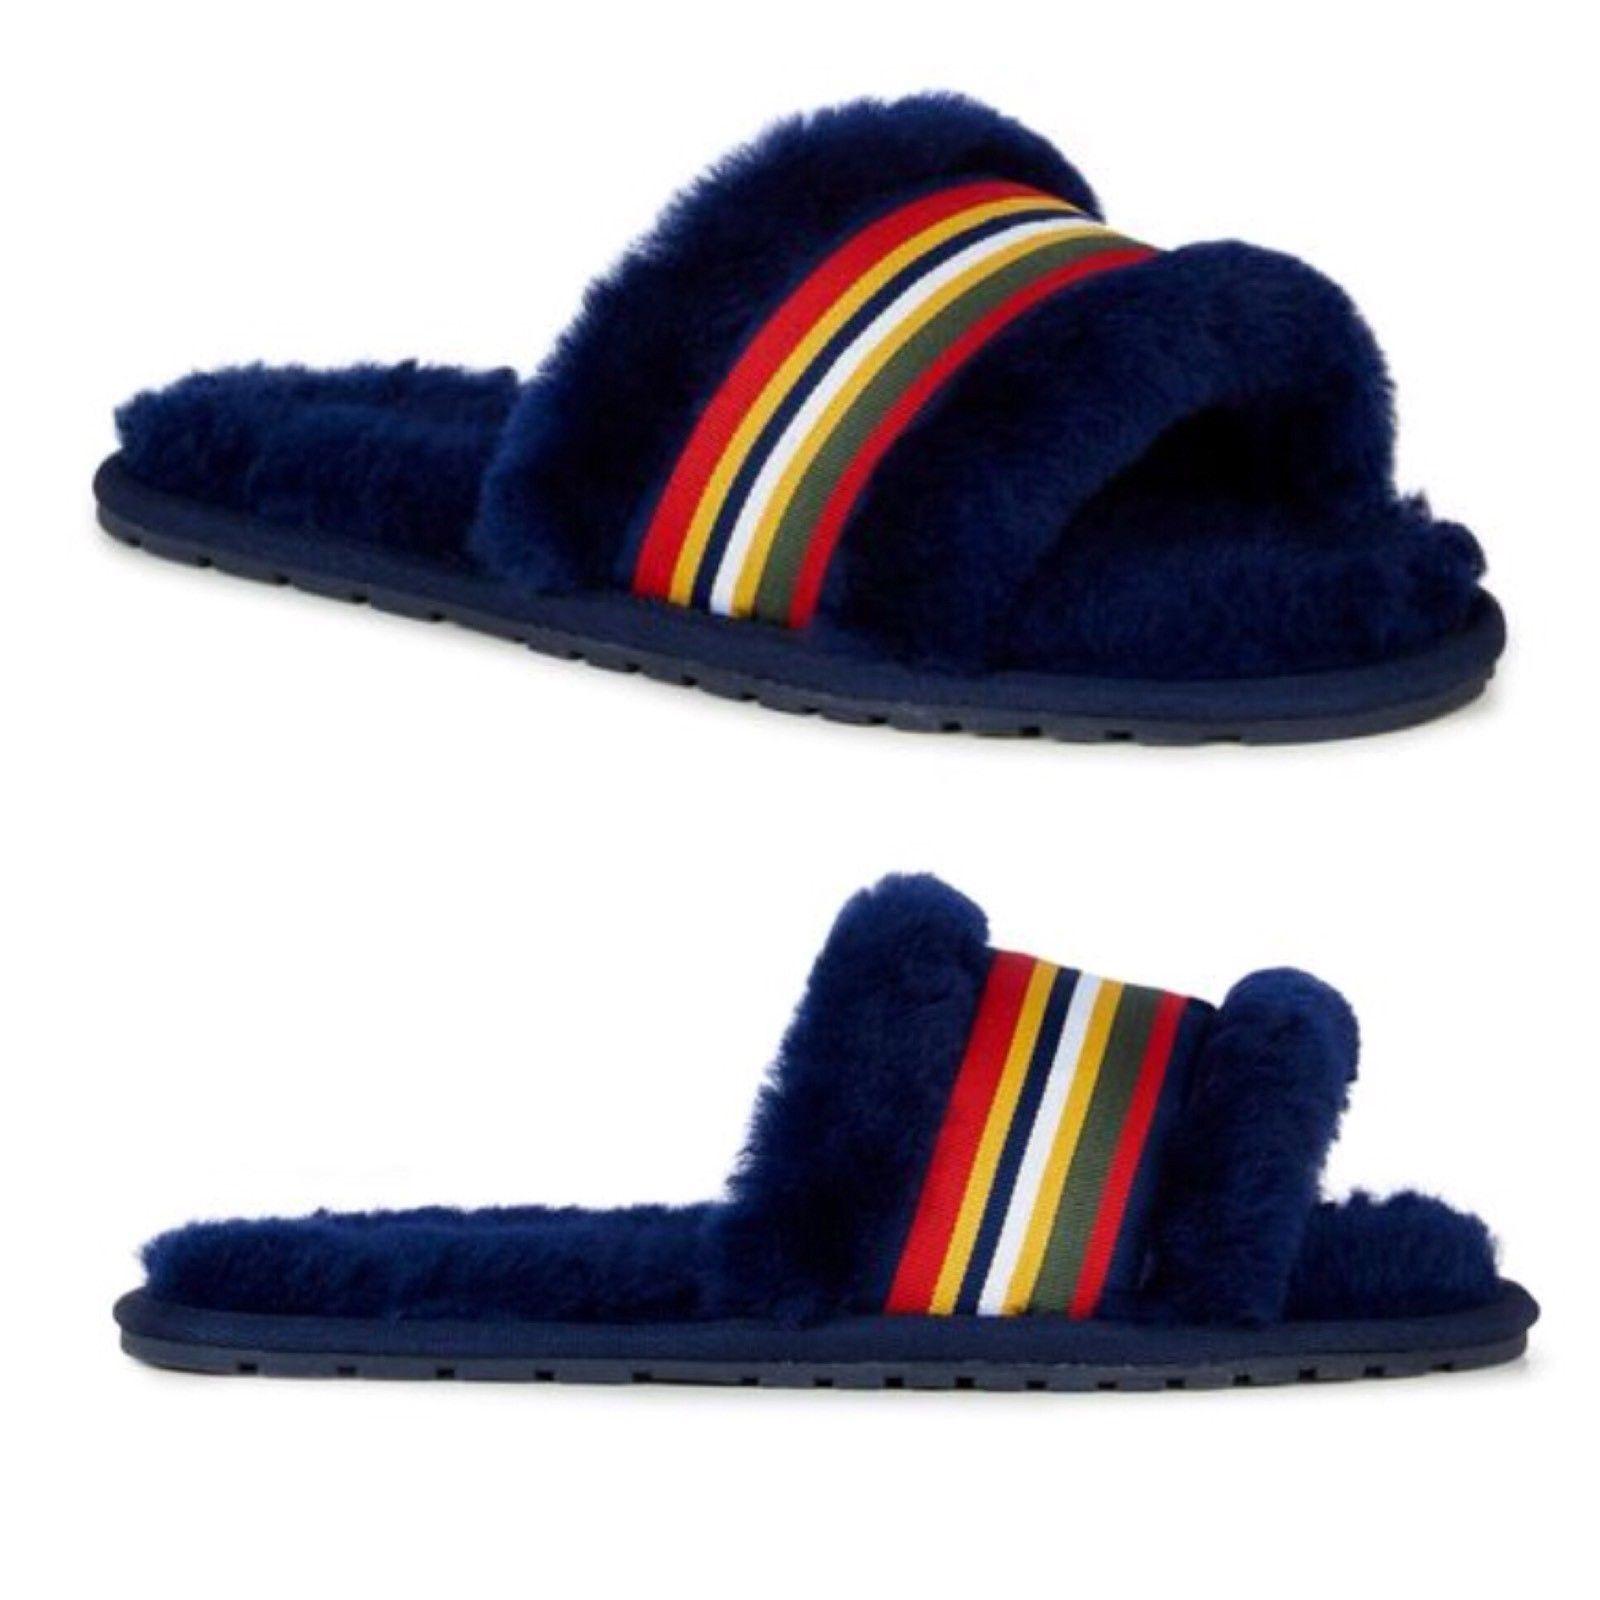 EMU Australia Wrenlette Slide Slipper Sandals Navy Blue NWT women's 8